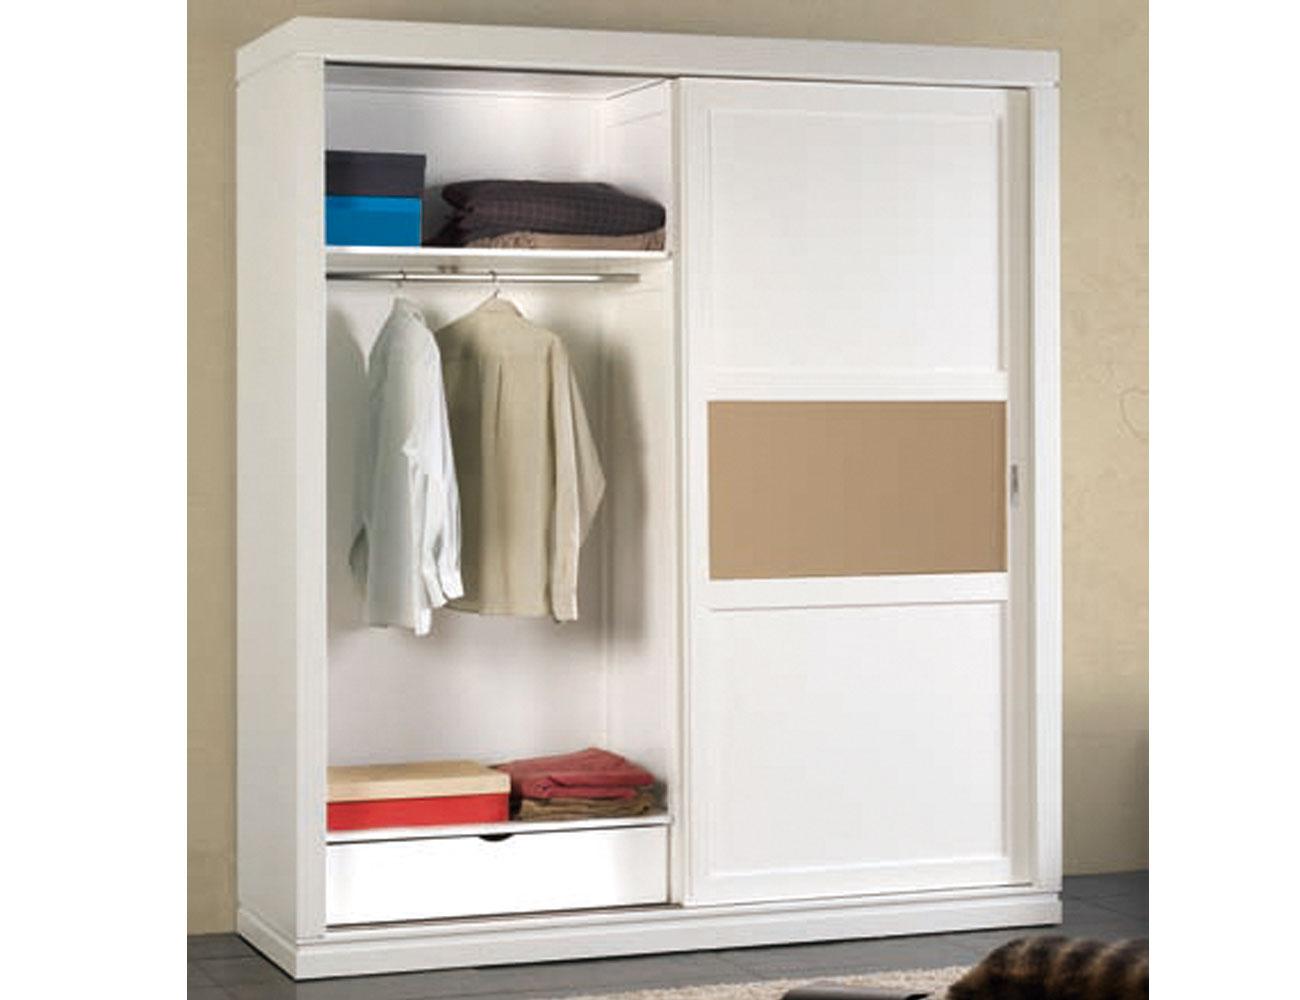 Detalle h 20 interior armario blanco1